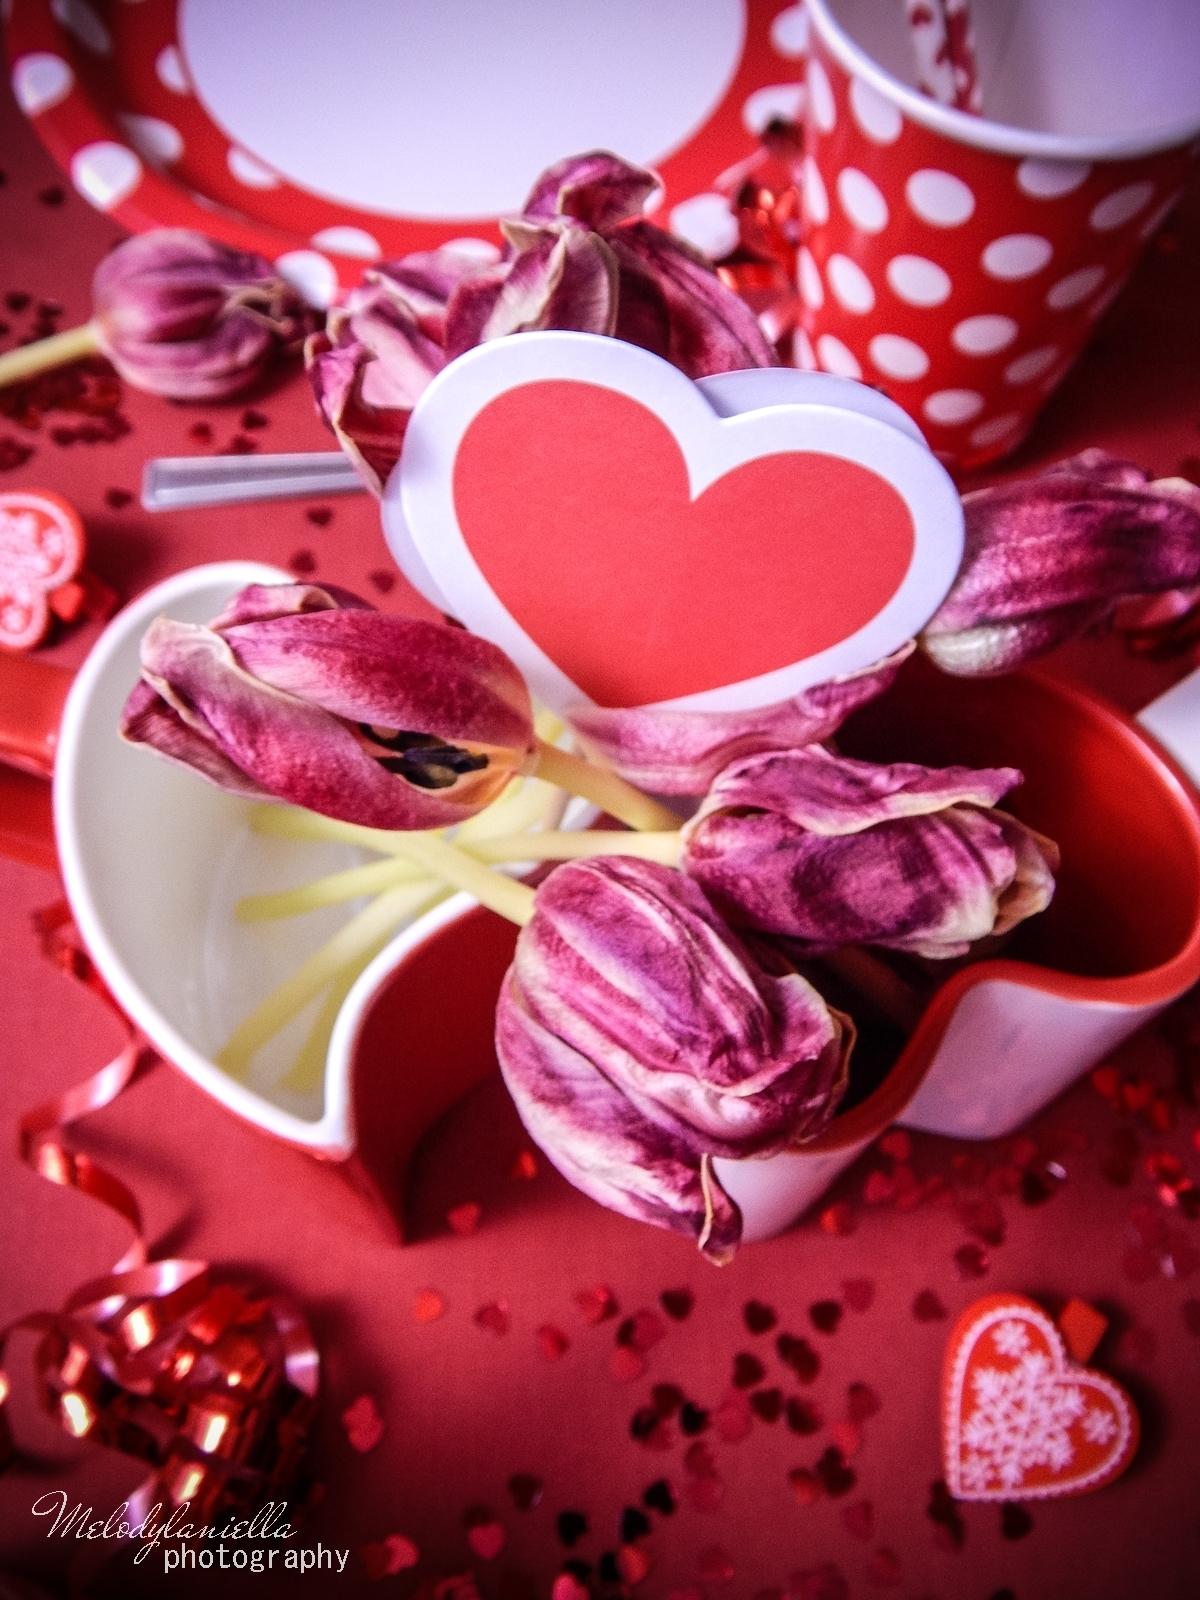 6 jak udekorować stół na walentynki walentynkowa kolacja pomysły na walentynkowe prezenty walentynkowe dekoracje home interior valentines blog melodylaniella partybox red